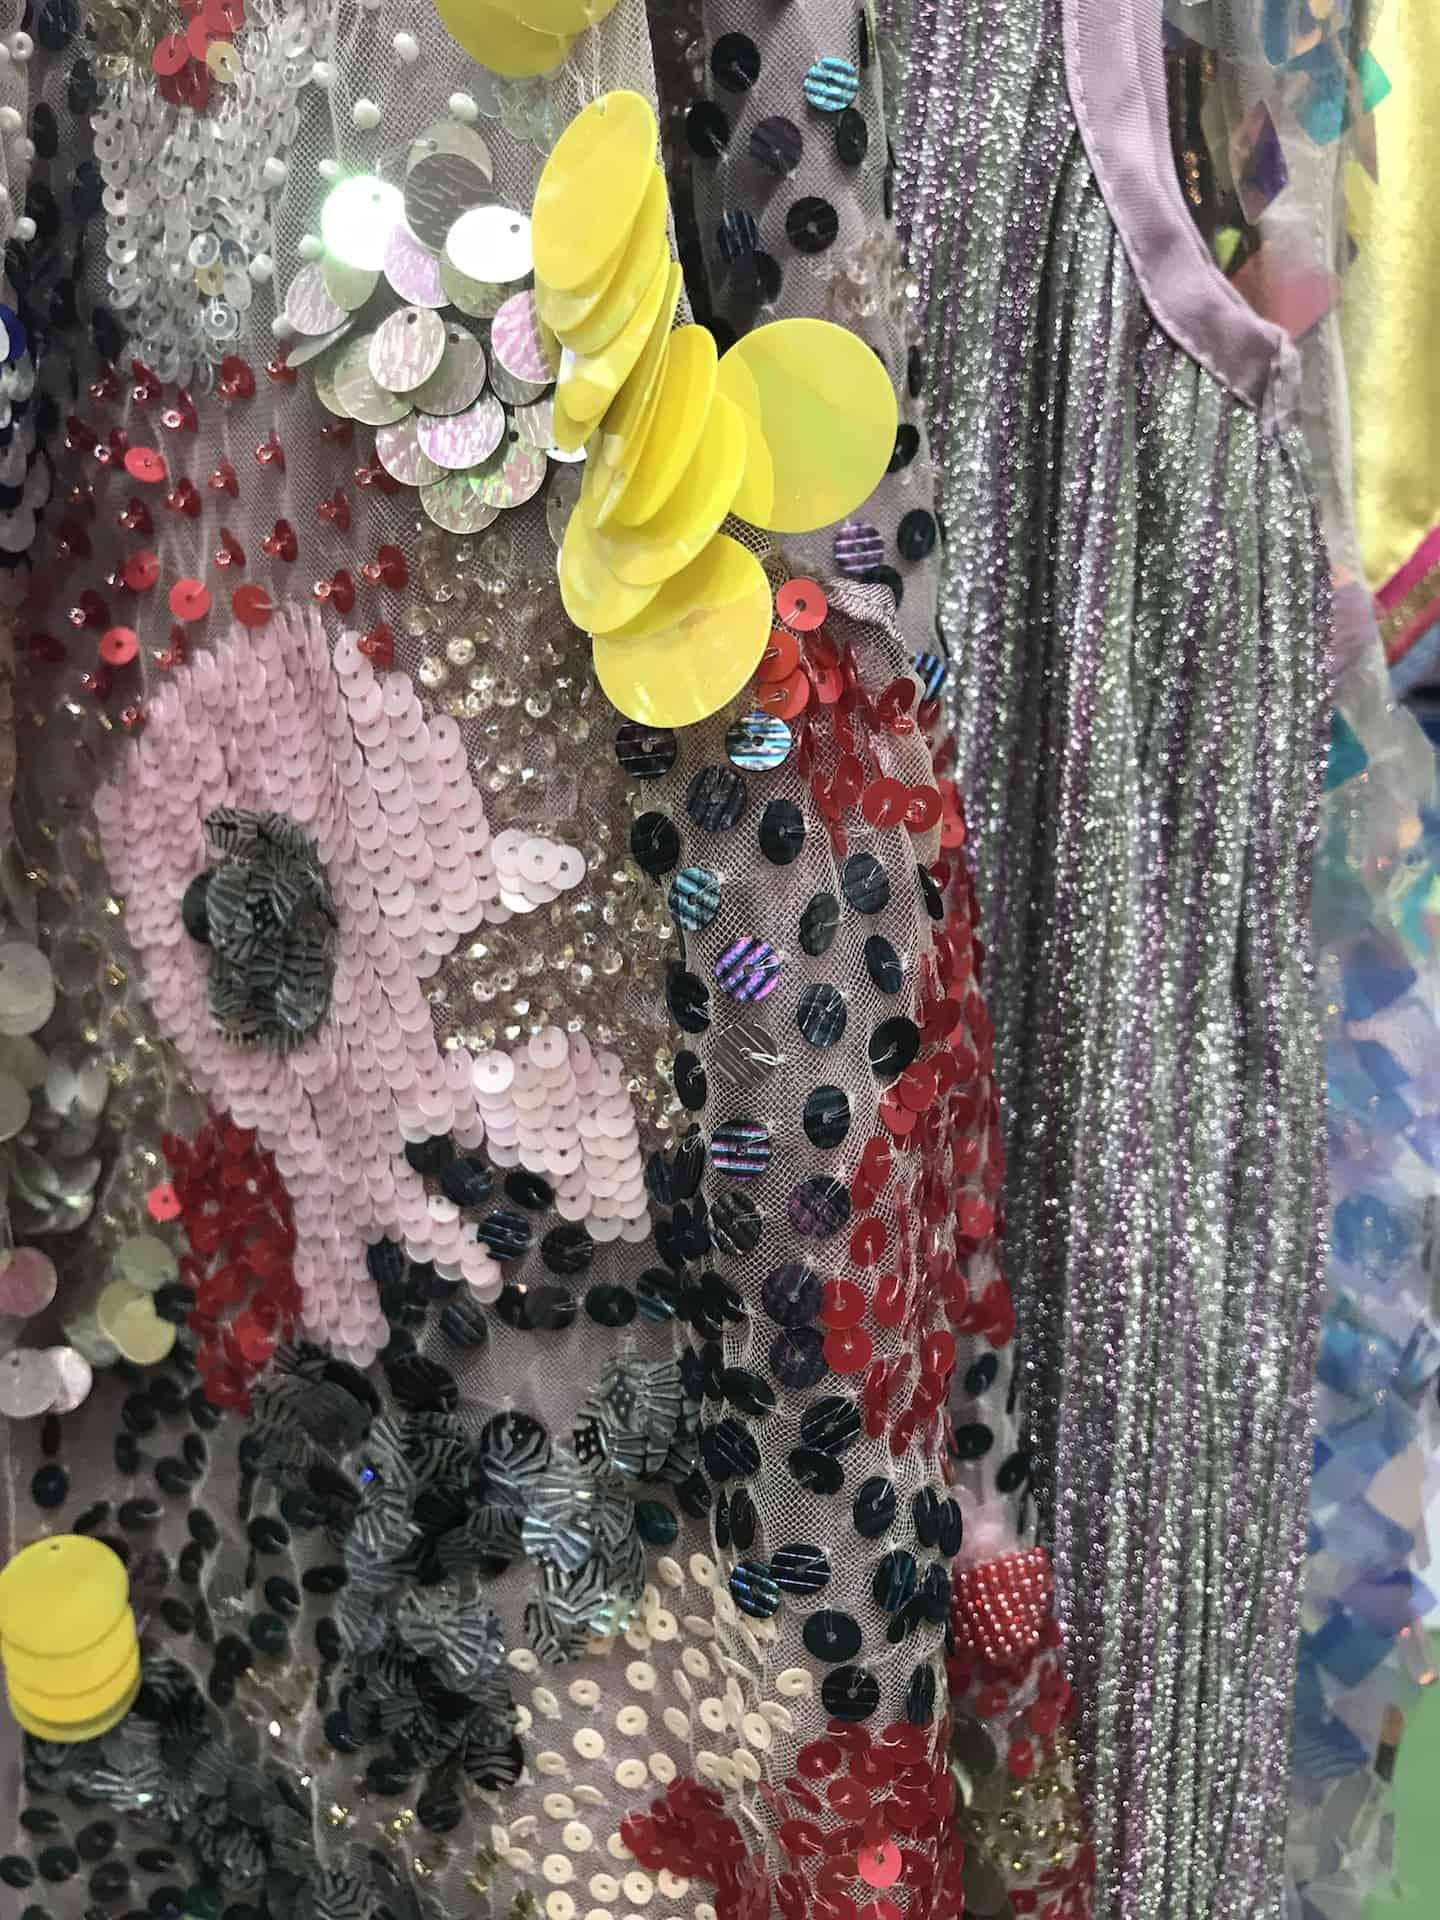 Apocalypto Kids SS20 kids fashion collection at Pitti Bimbo 89